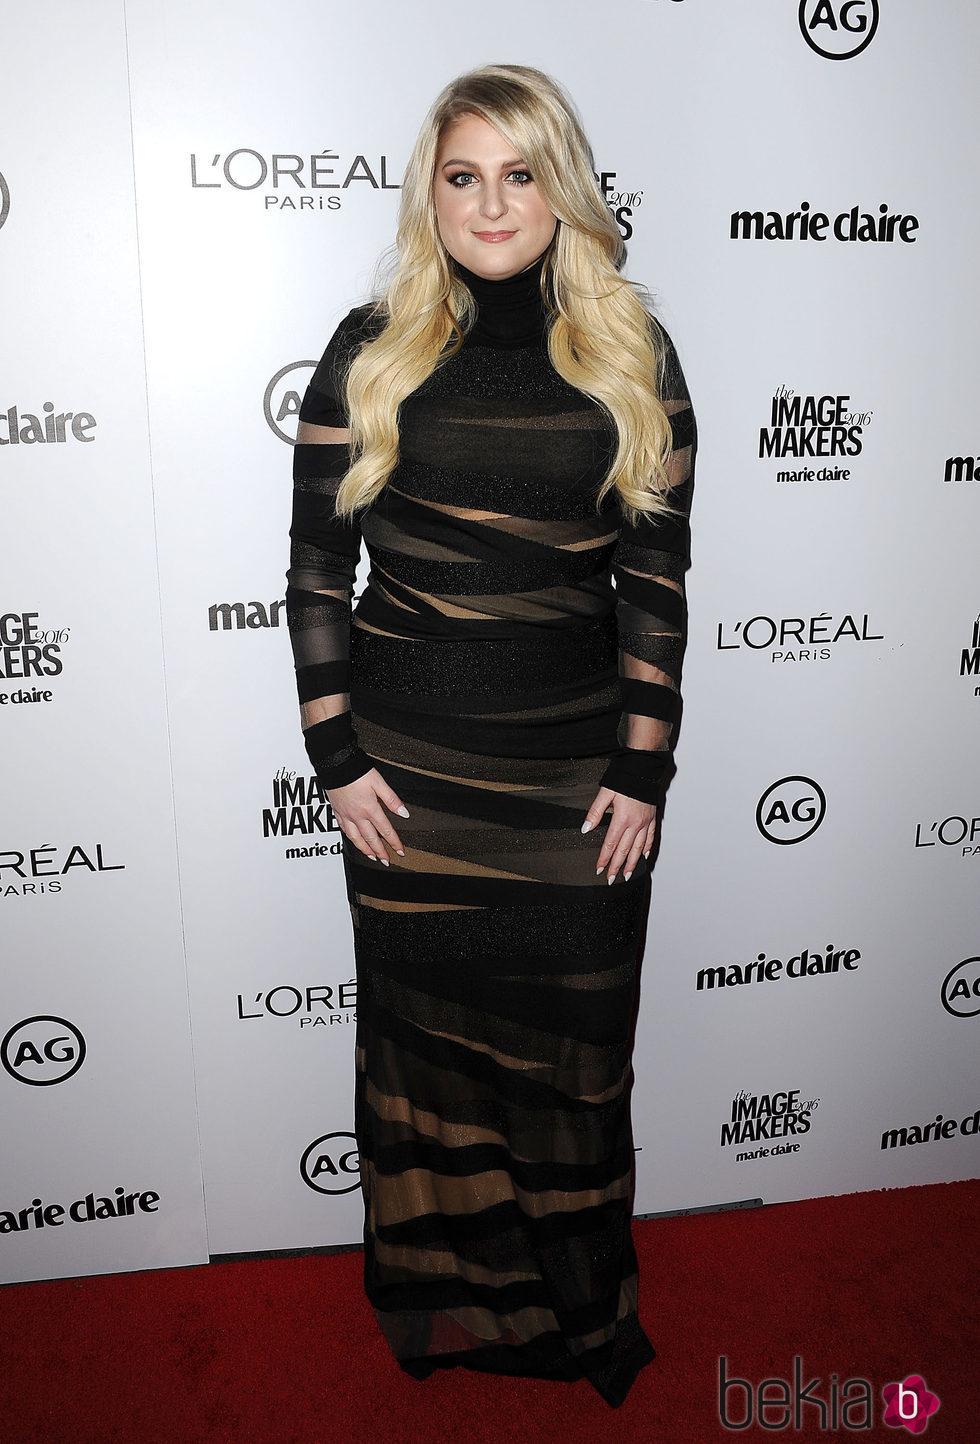 Meghan Trainor en los Premios Marie Claire 2016 en Los Angeles